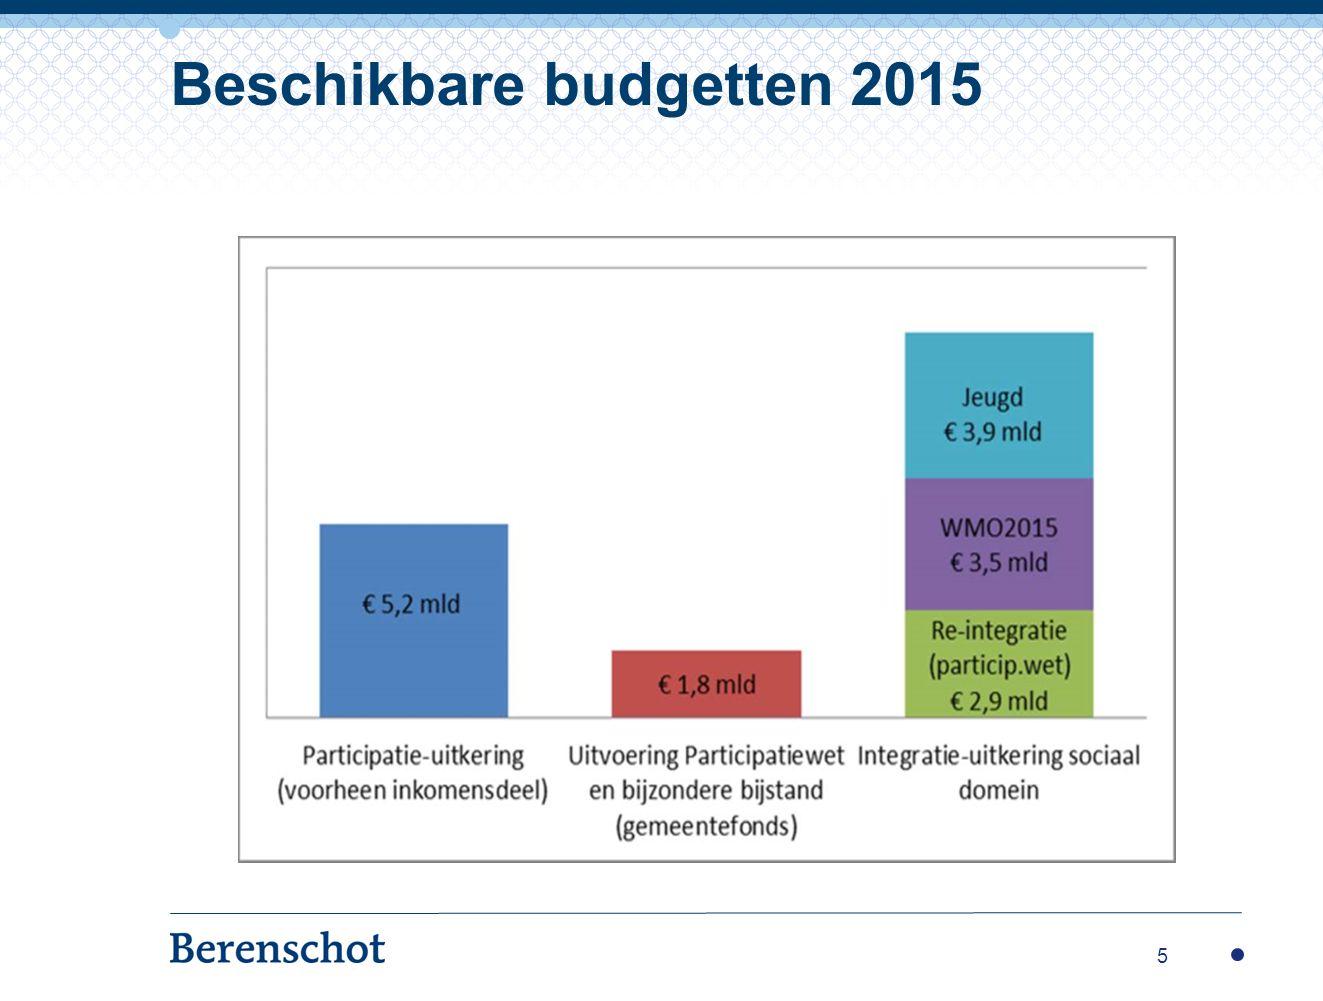 Beschikbare budgetten 2015